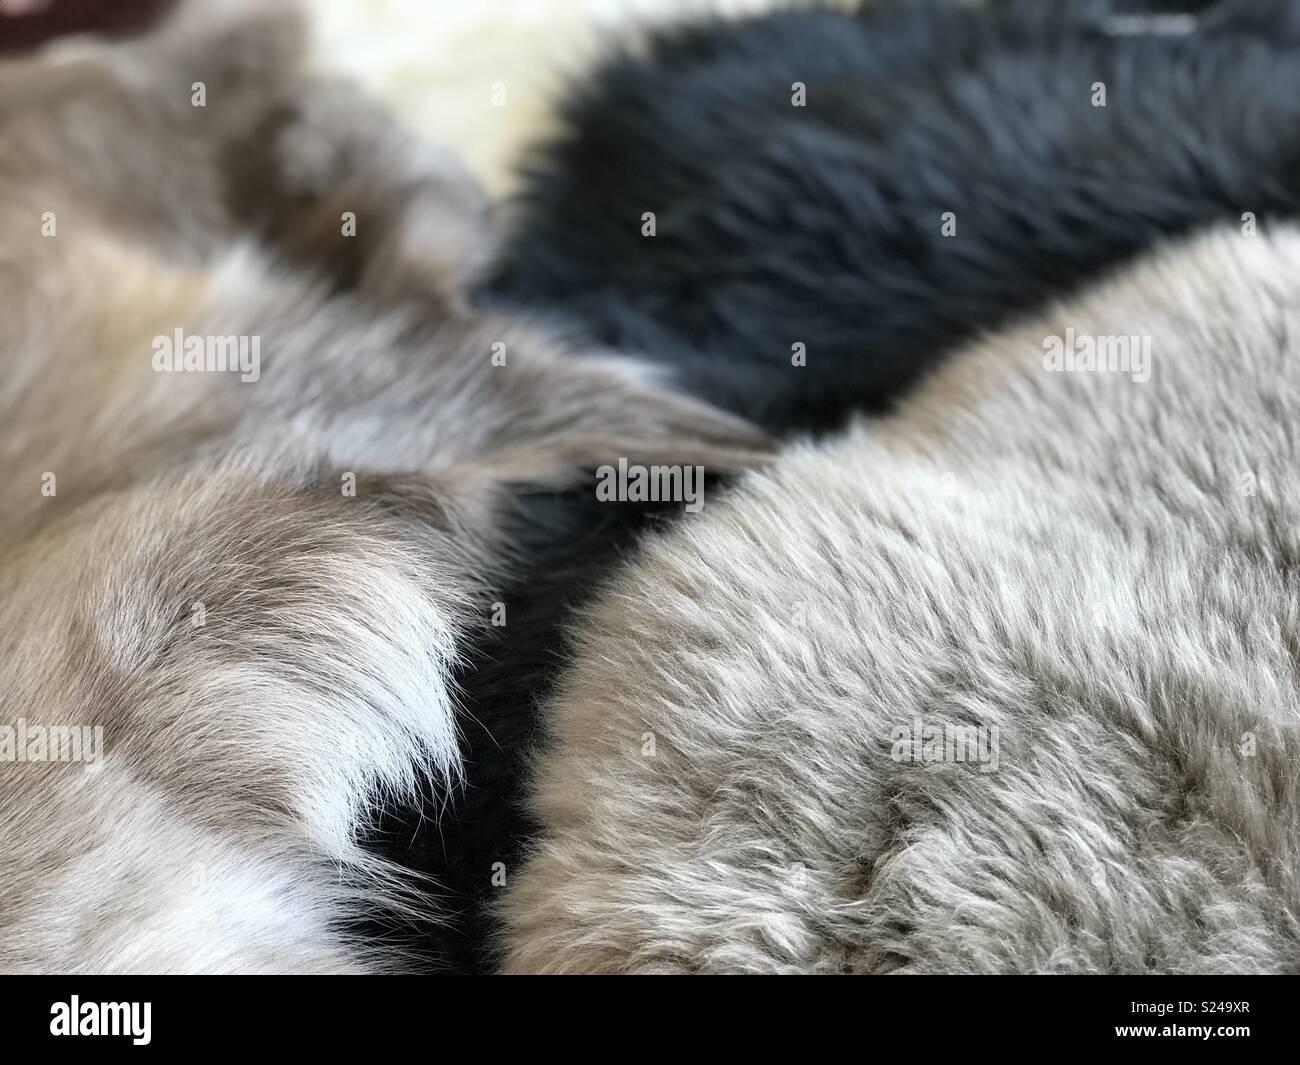 Animal skin fur hides - Stock Image